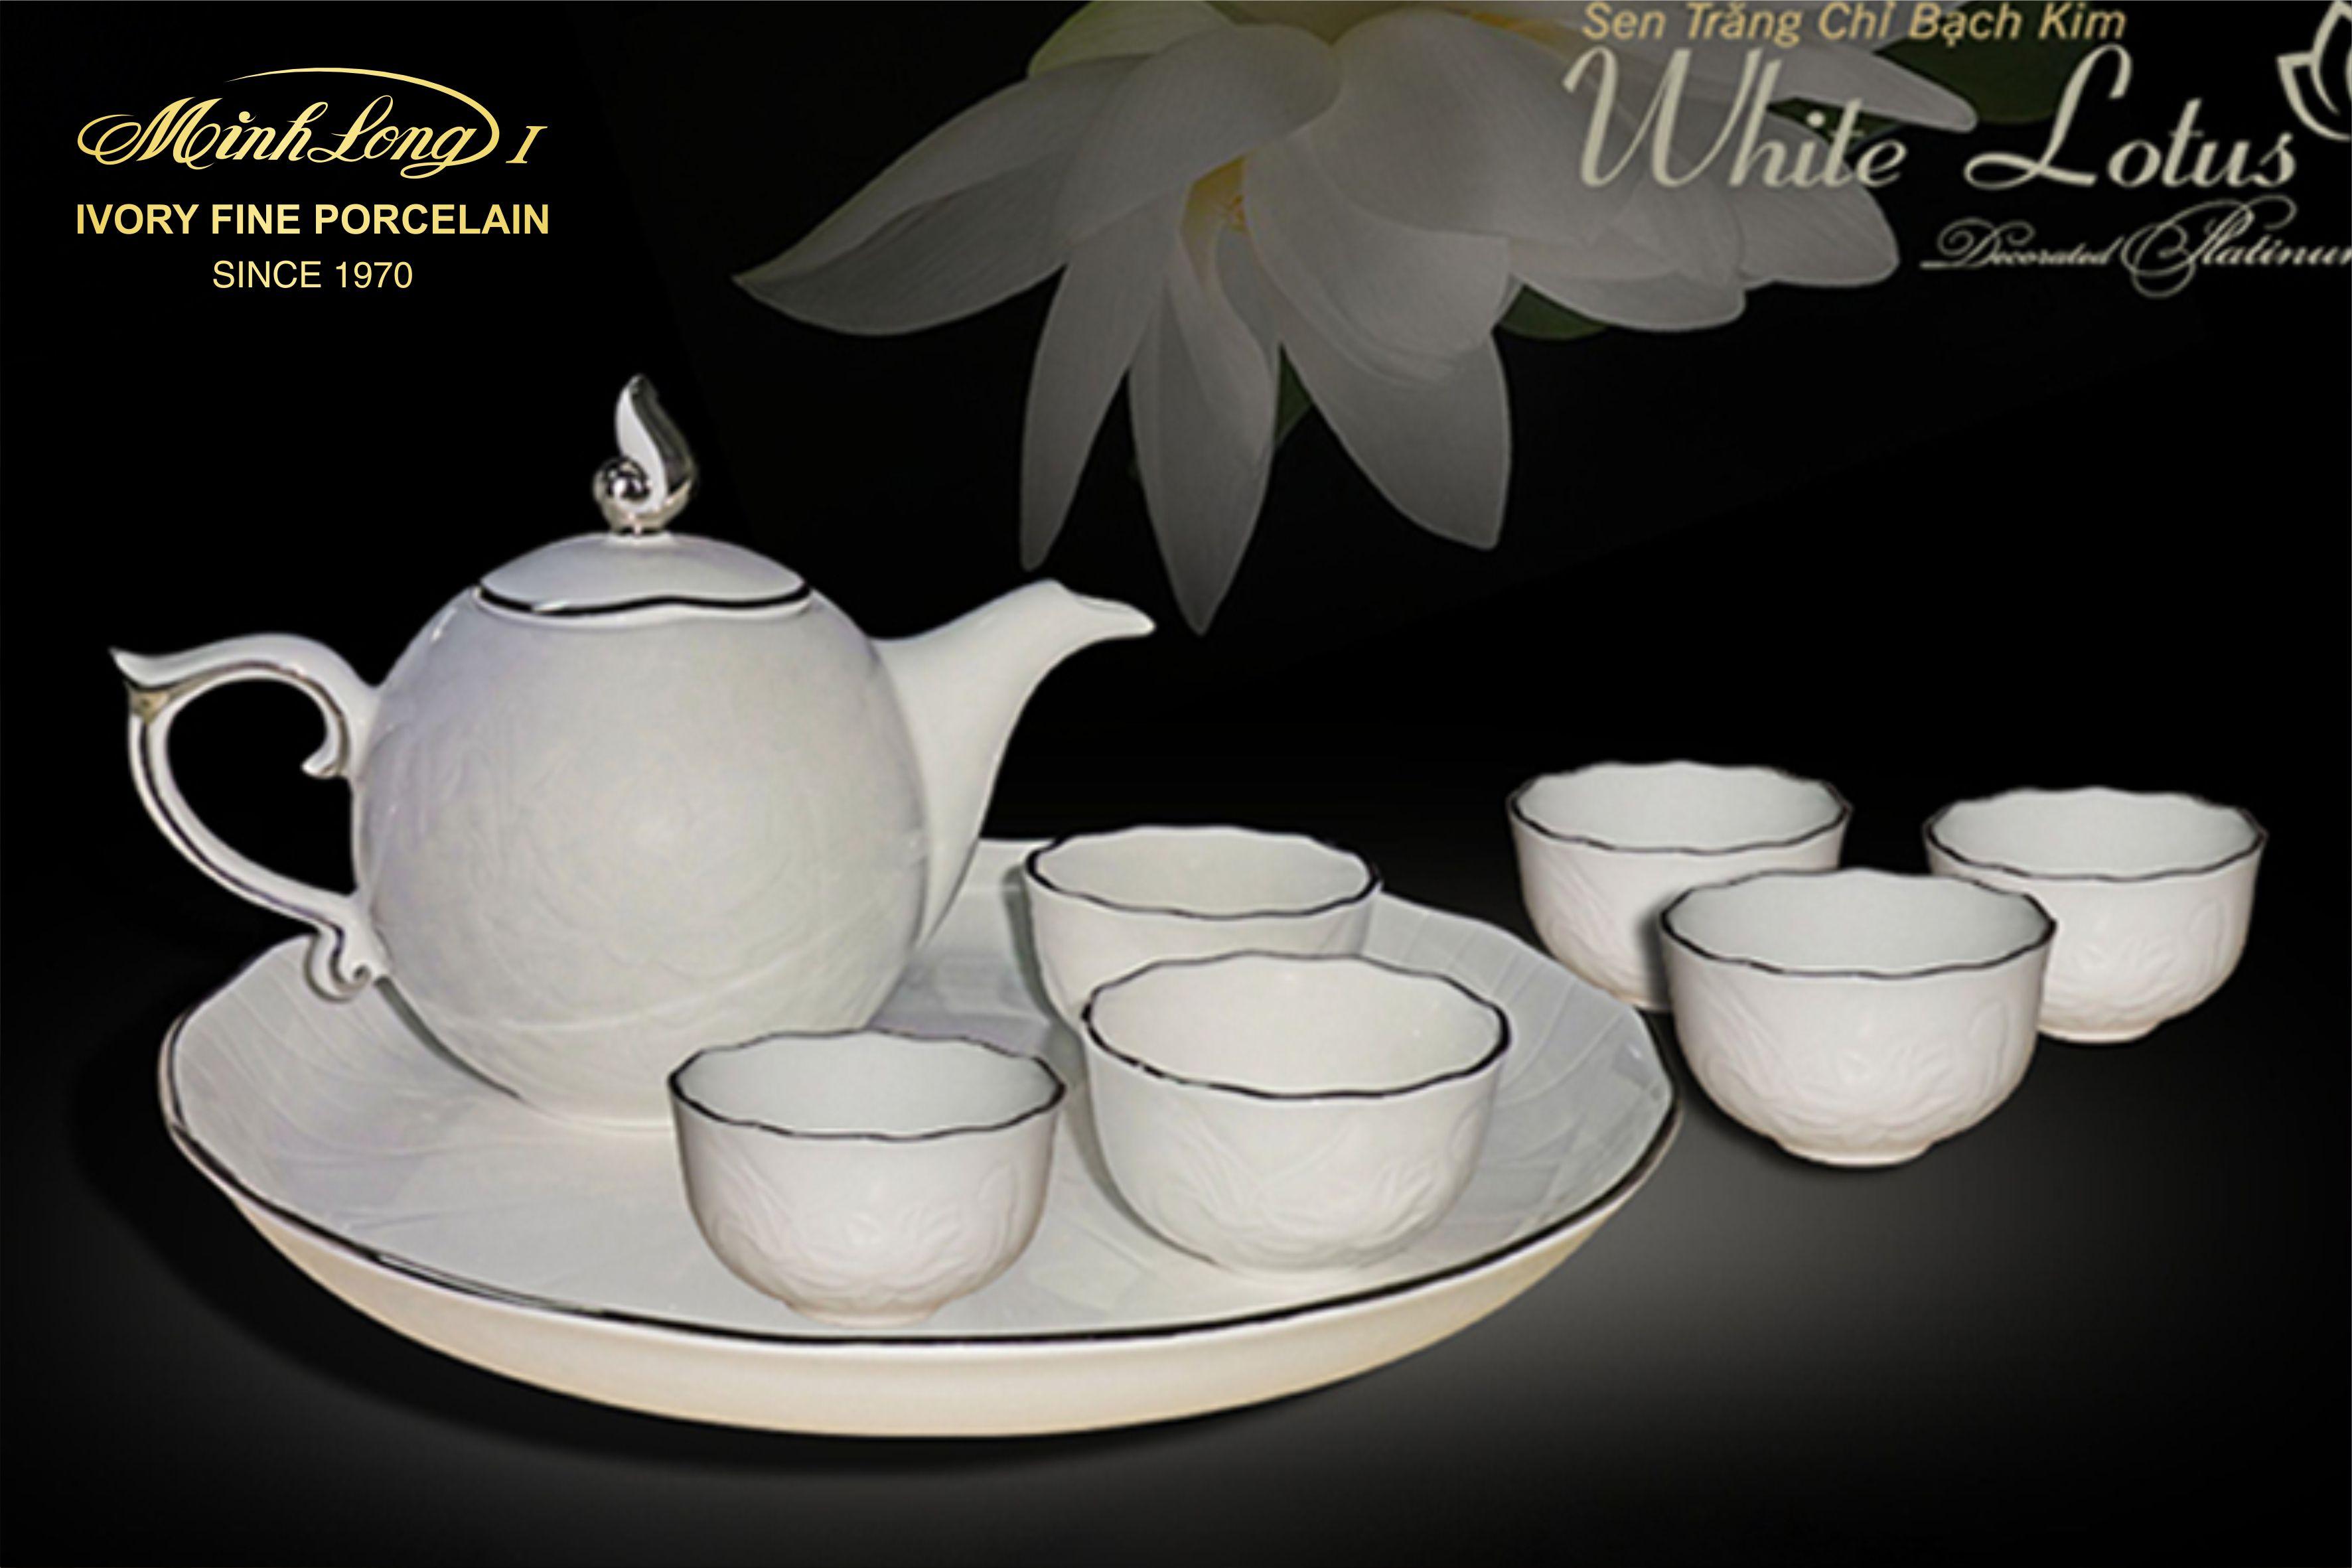 Bộ trà 0.3L SEN IFP Chỉ Bạch Kim 68301404303 Minh Long